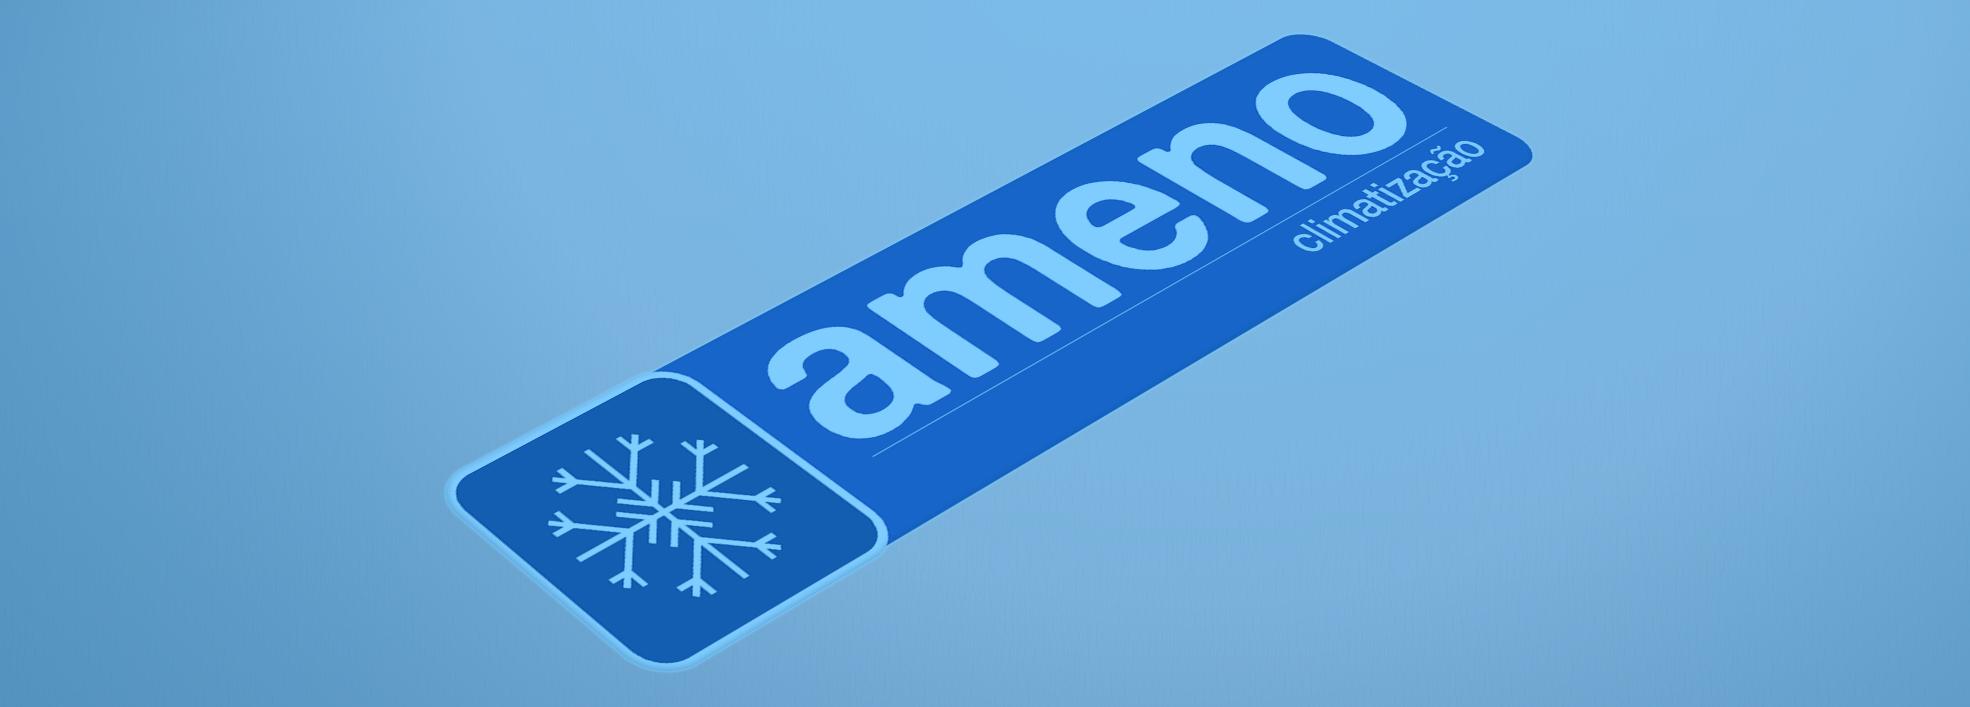 Criação de logo, logotipo, logo marca, branding